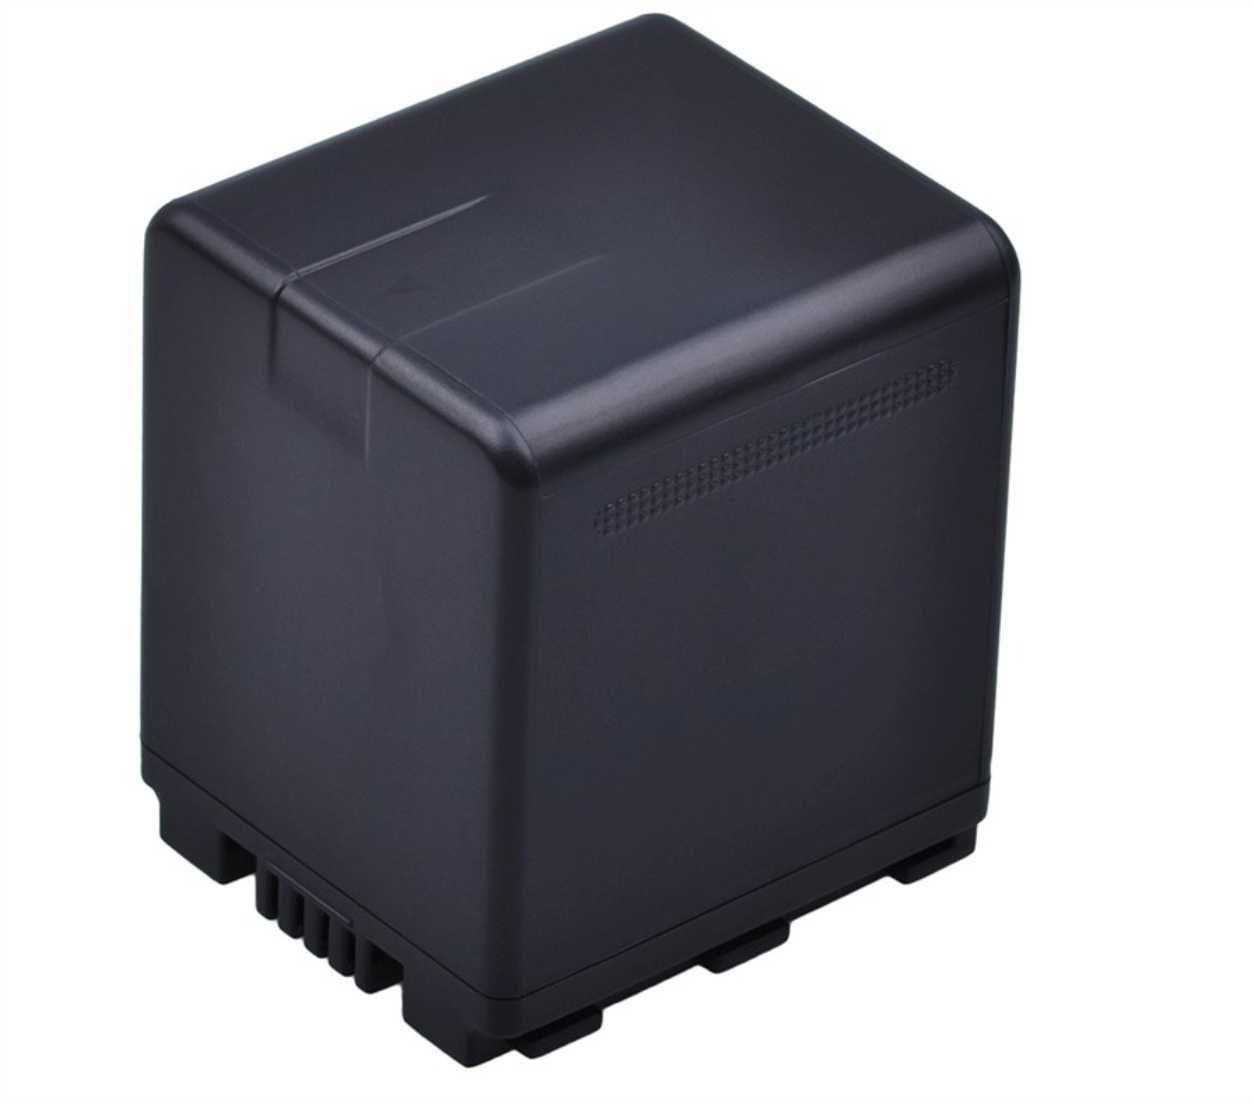 Bateria VW-VBN260  para Panasonic HC-X800 HC-X900 HC-X910 HC-X920 HDC-SD900